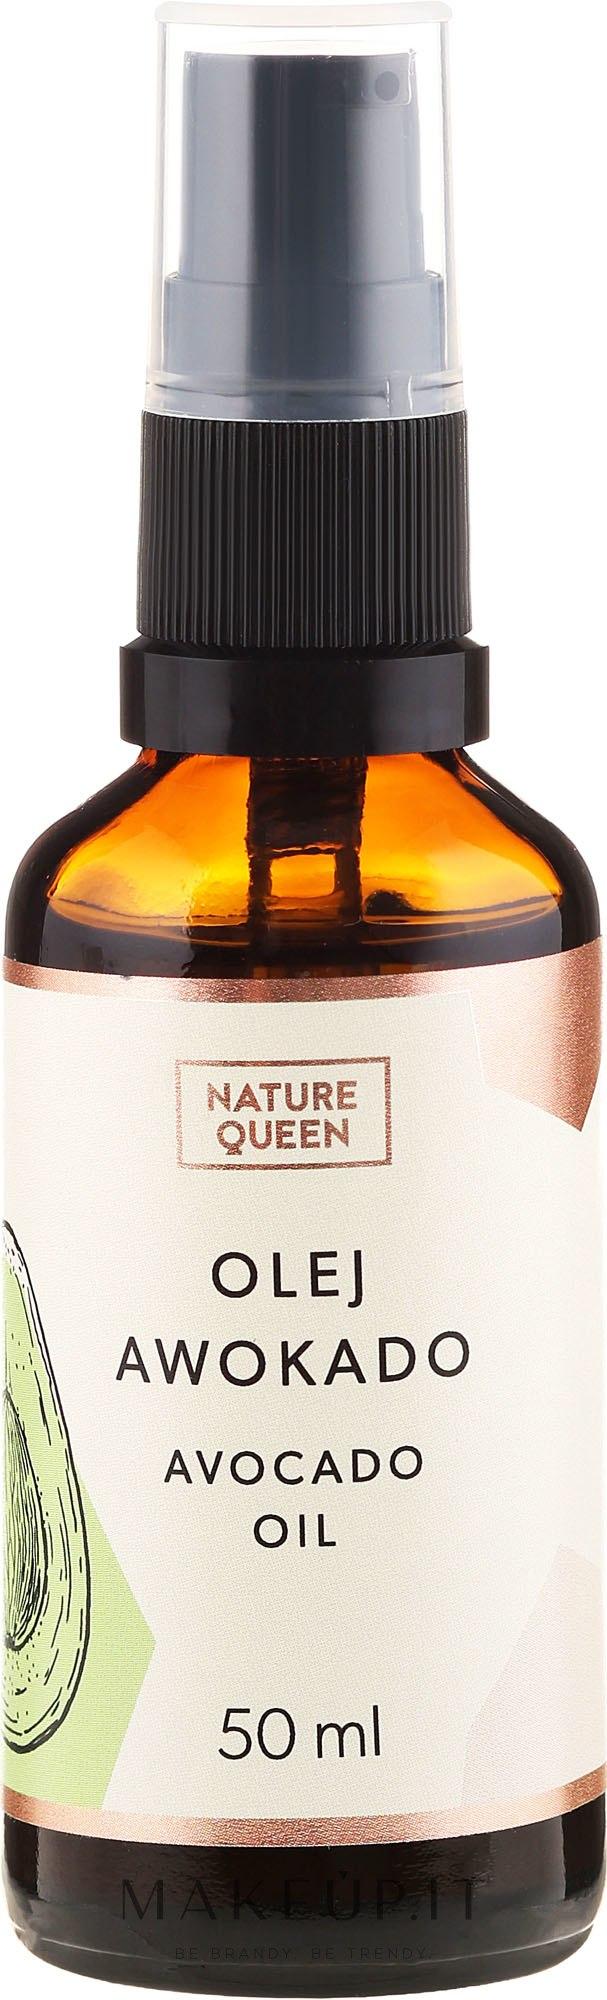 """Olio cosmetico """"Avocado"""" - Nature Queen Avocado Oil — foto 50 ml"""